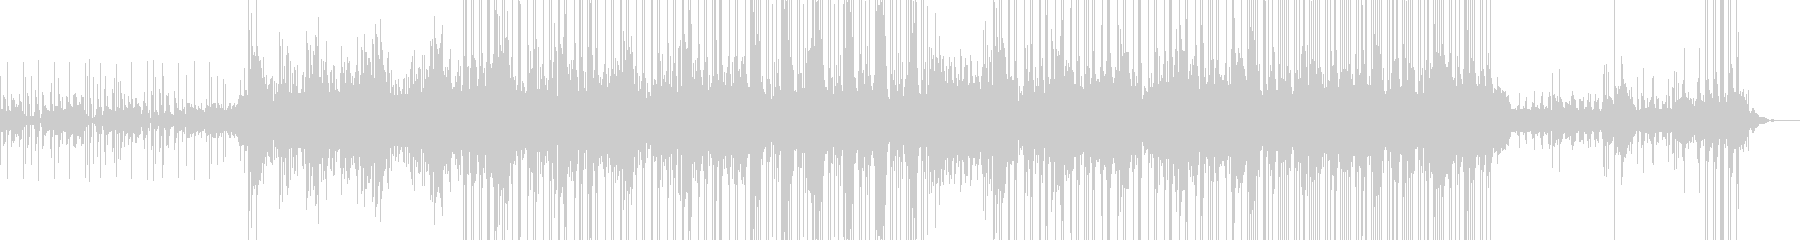 動画 センチメンタル 技術的な 説...の未再生の波形